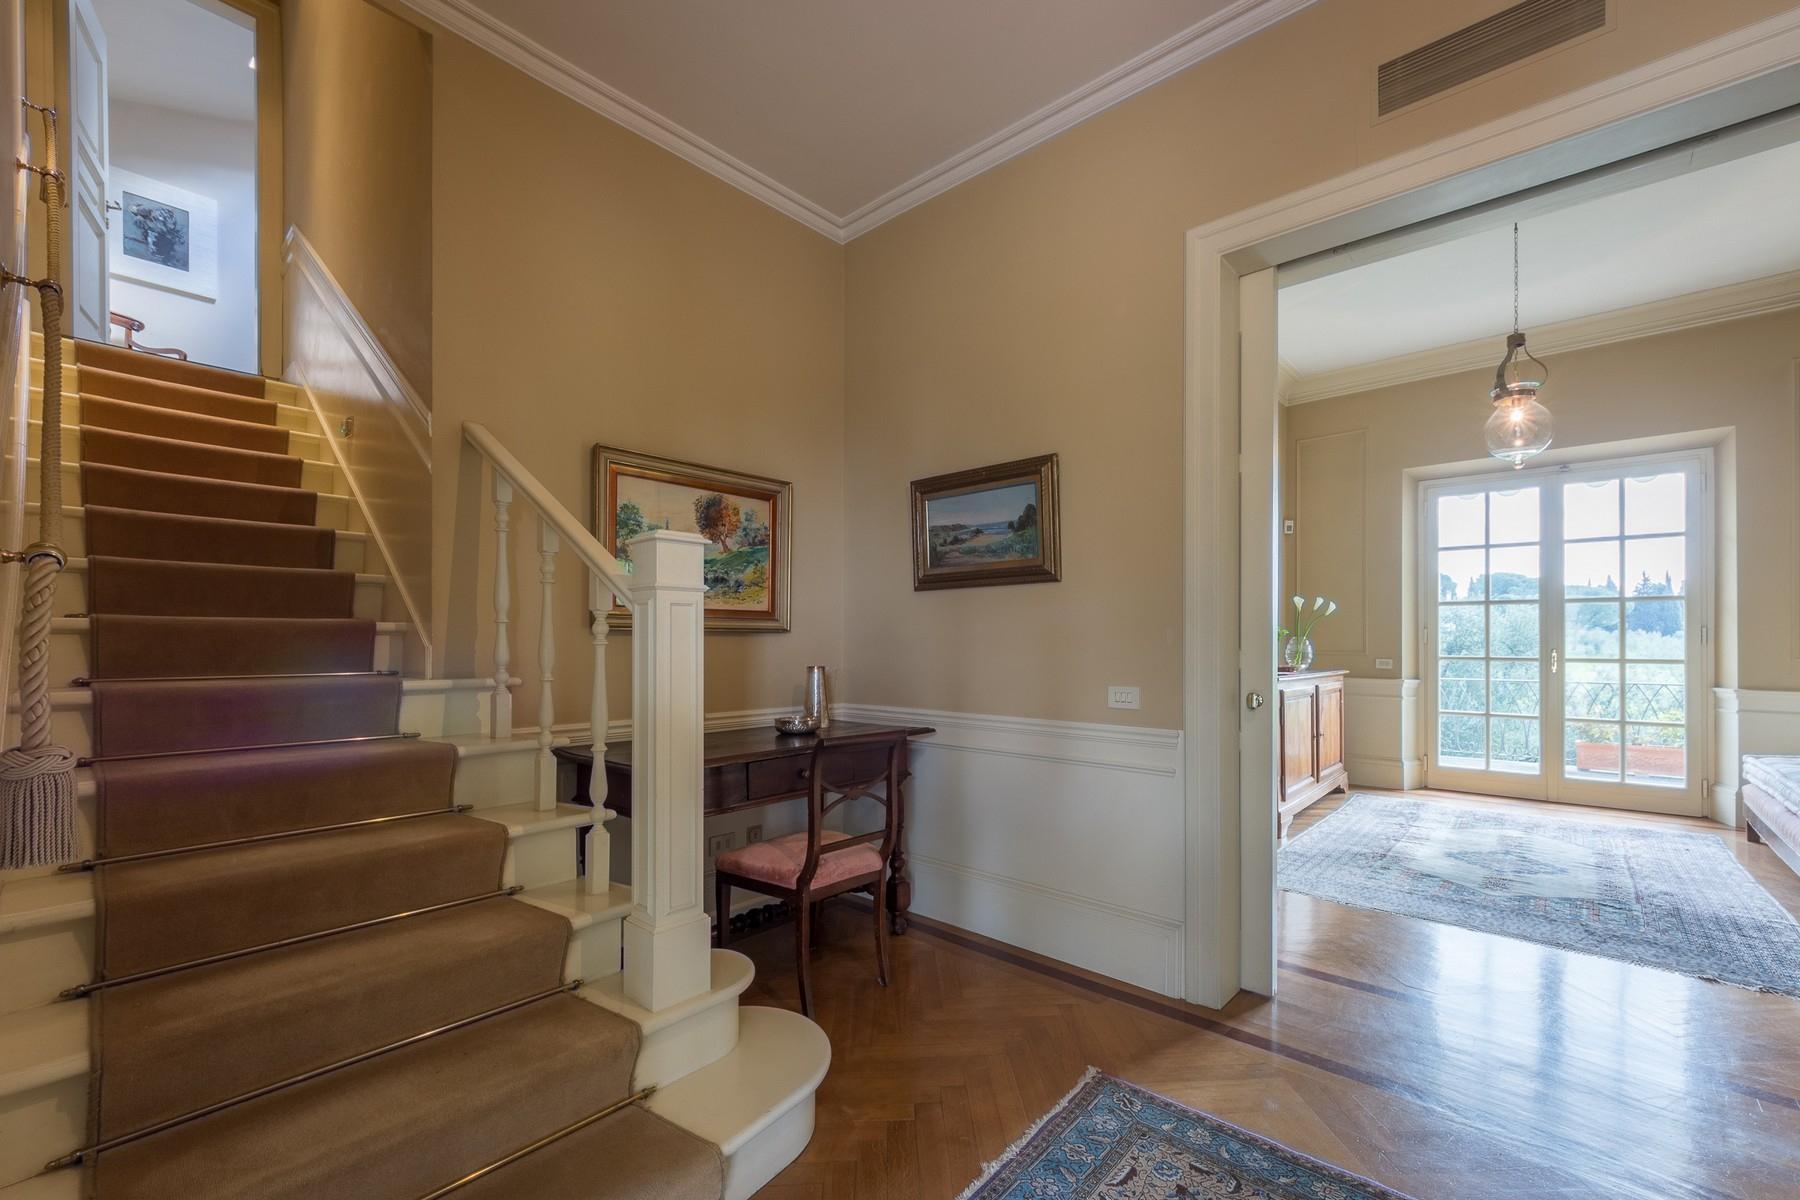 Villa in Vendita a Firenze: 5 locali, 618 mq - Foto 20